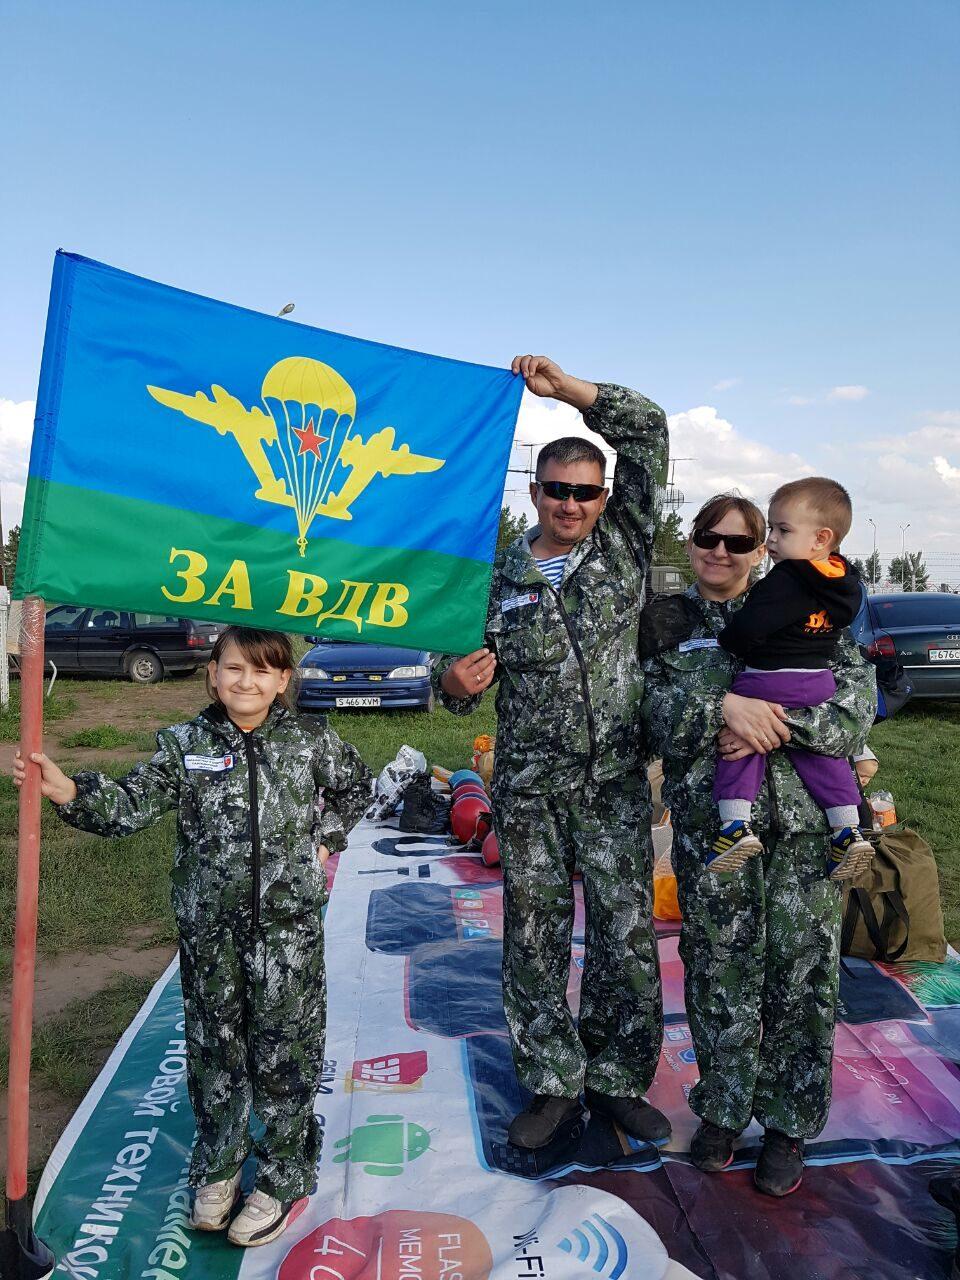 Парашютная династия. Президент федерации парашютного спорта Павлодарской области Руслан Феклистов и его семья